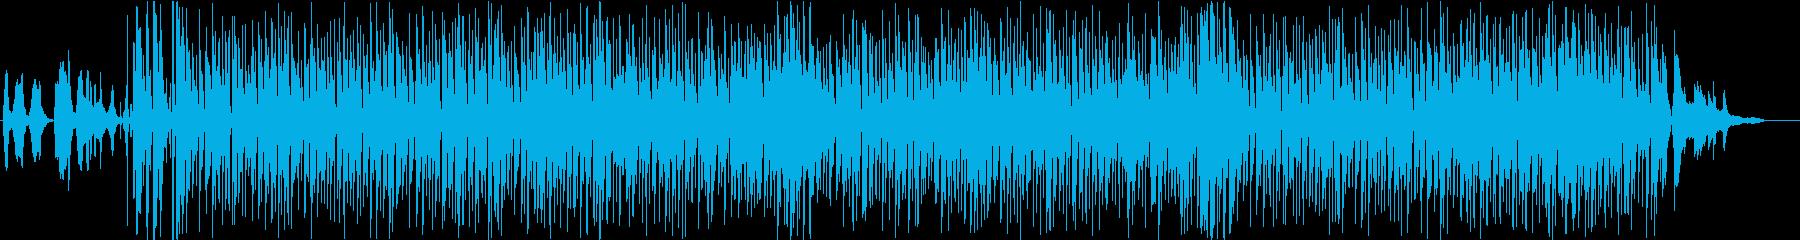 フランスのスウィング・ジャズ(伴奏版)の再生済みの波形